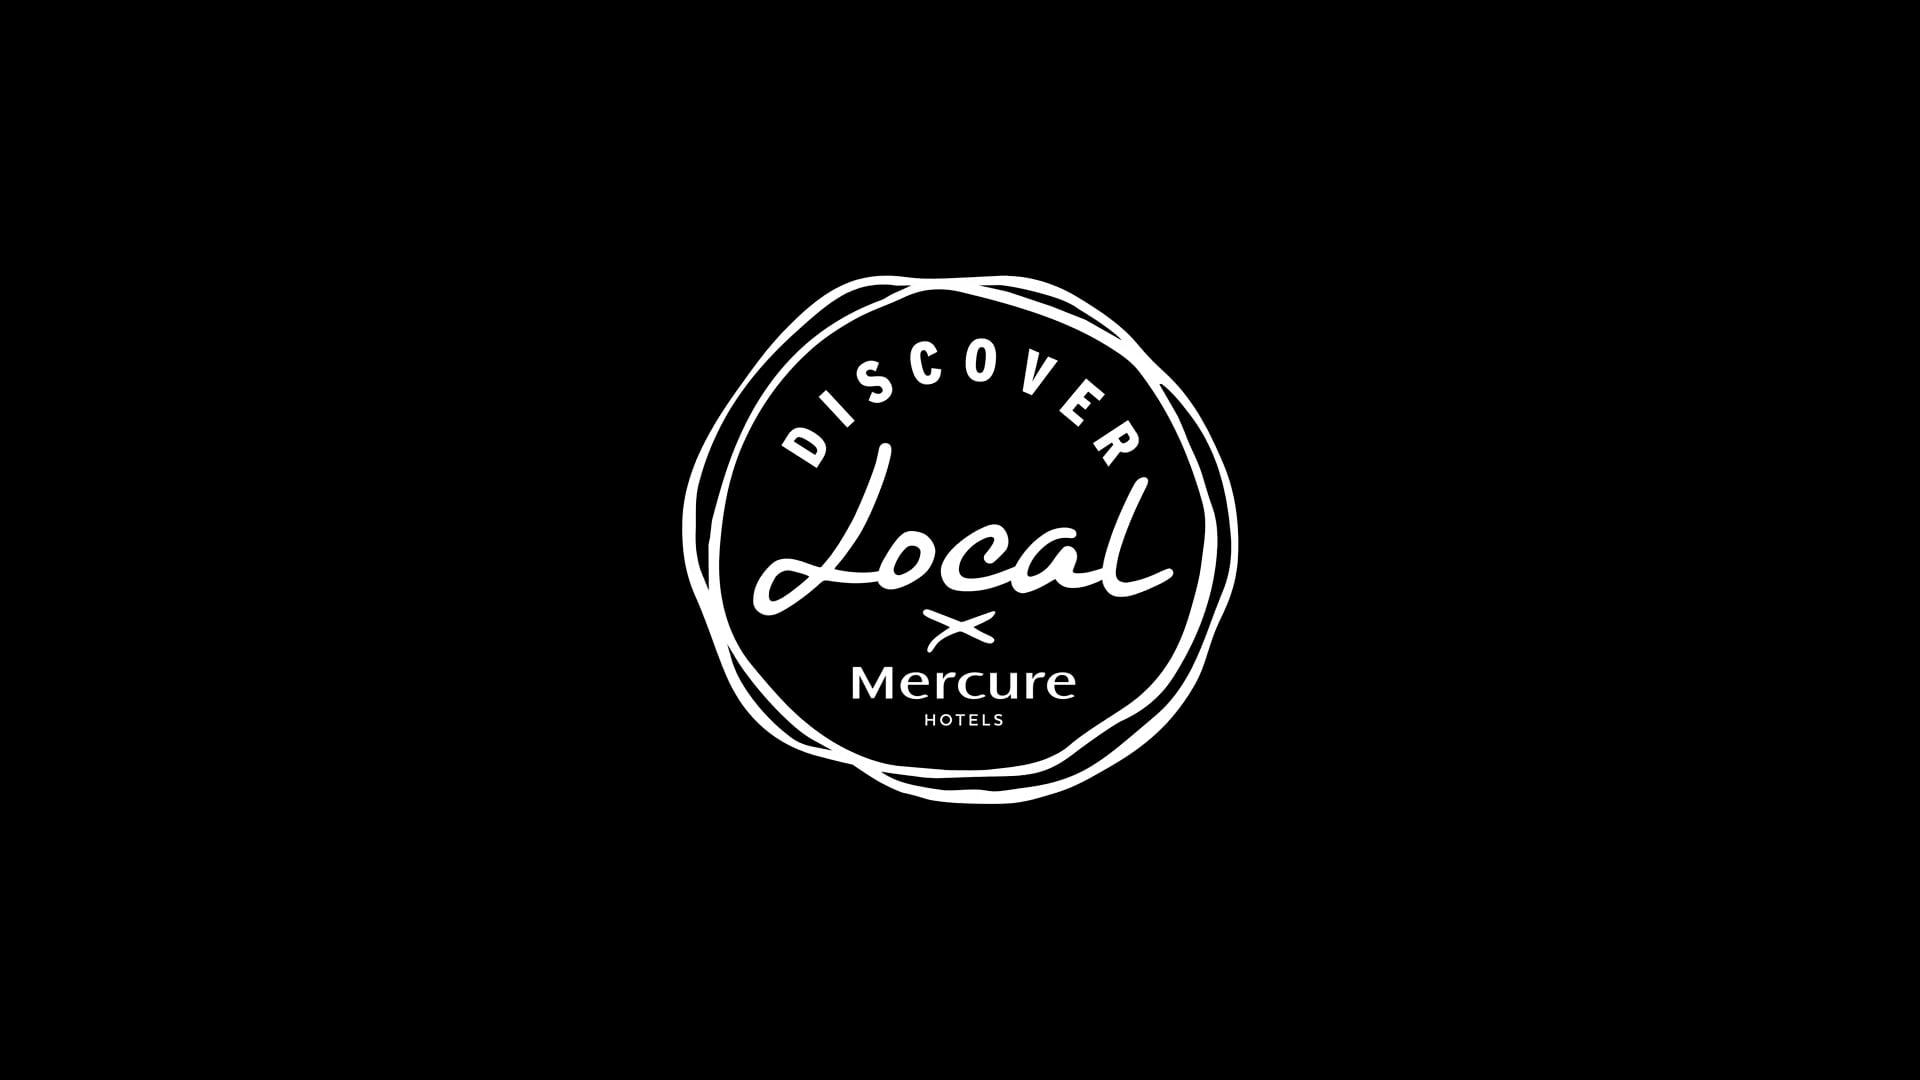 Mercure Hotels - Discover Local Wien